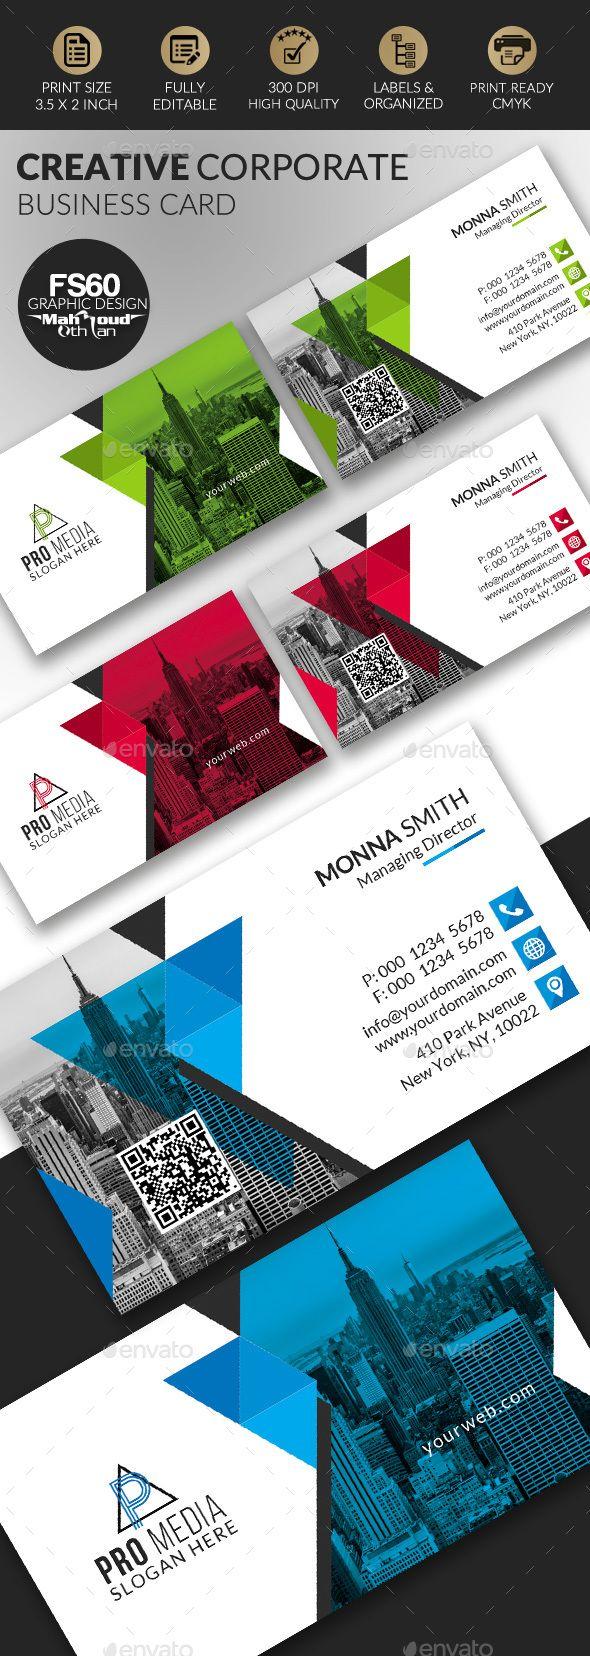 Business Card | Diseño de papelería, Tarjetas de presentación y ...